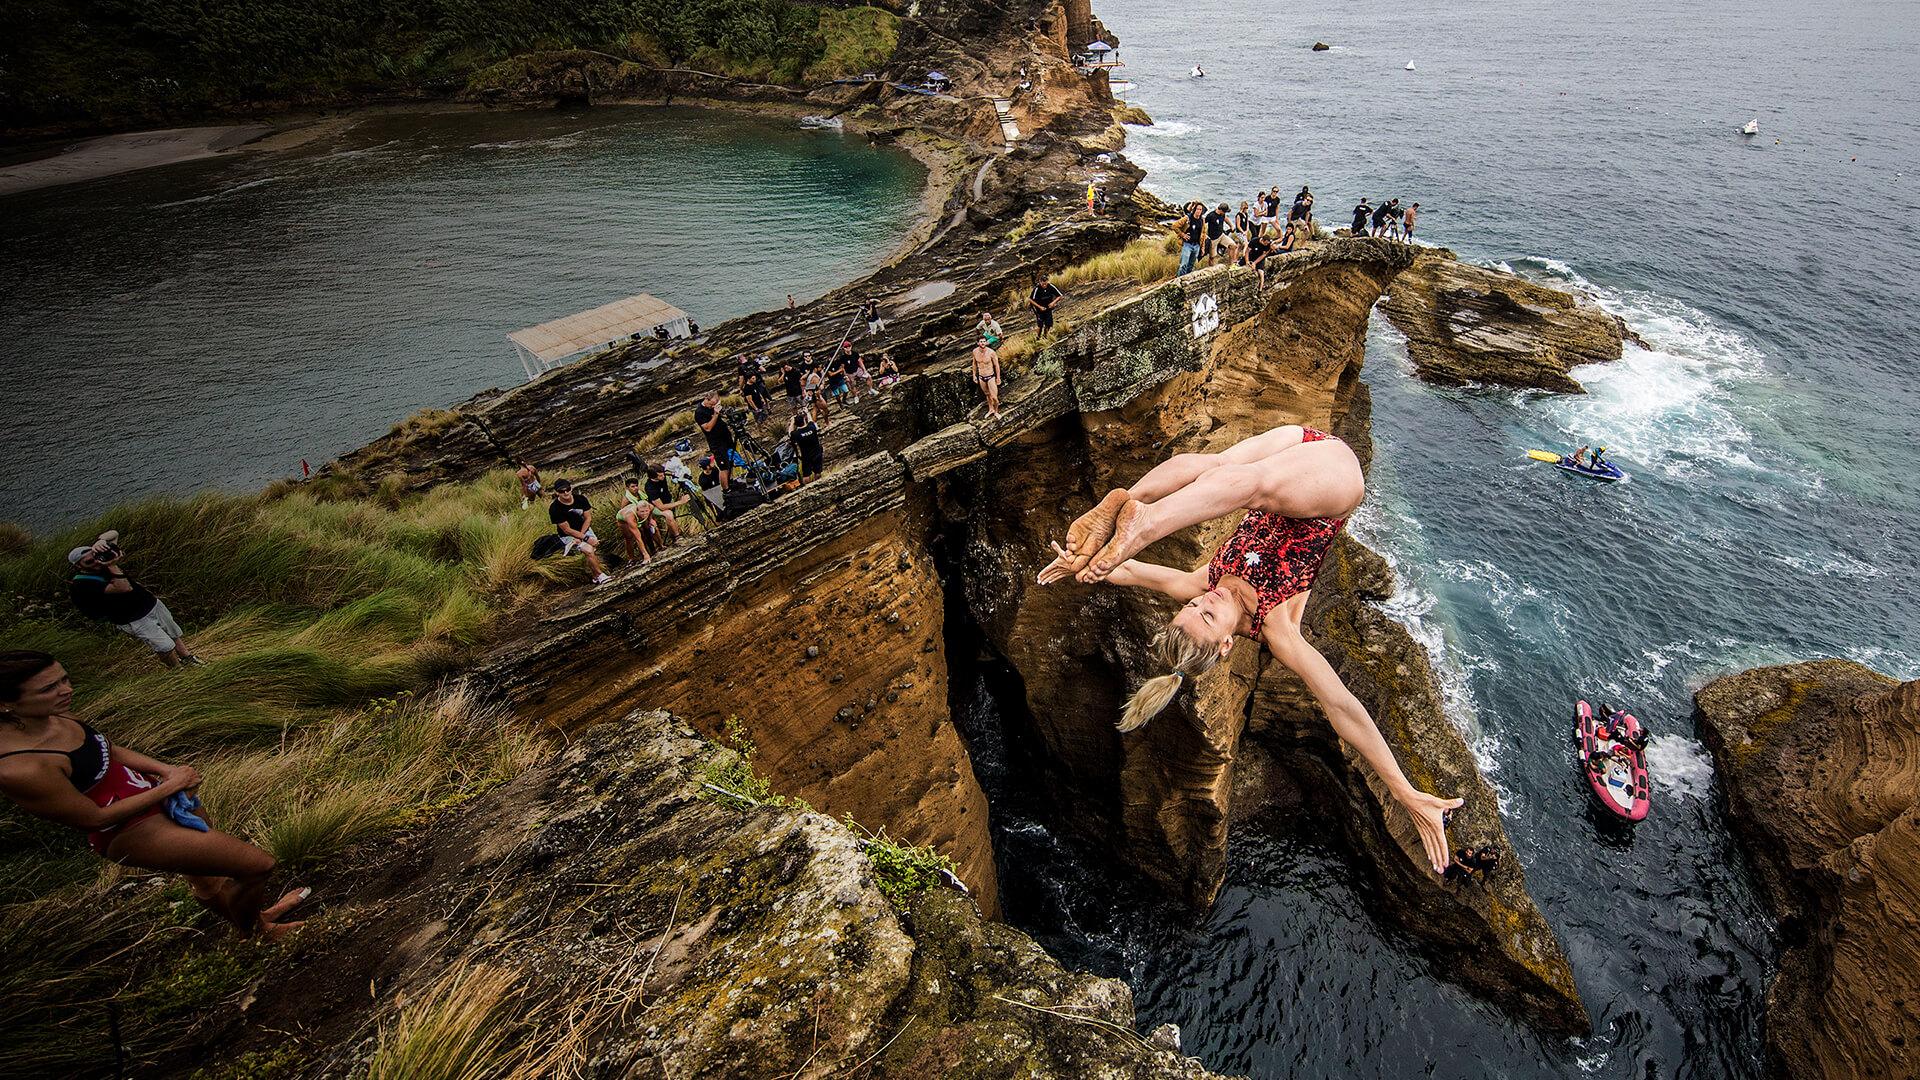 Le plongeon extrême, aussi spectaculaire que dangereux